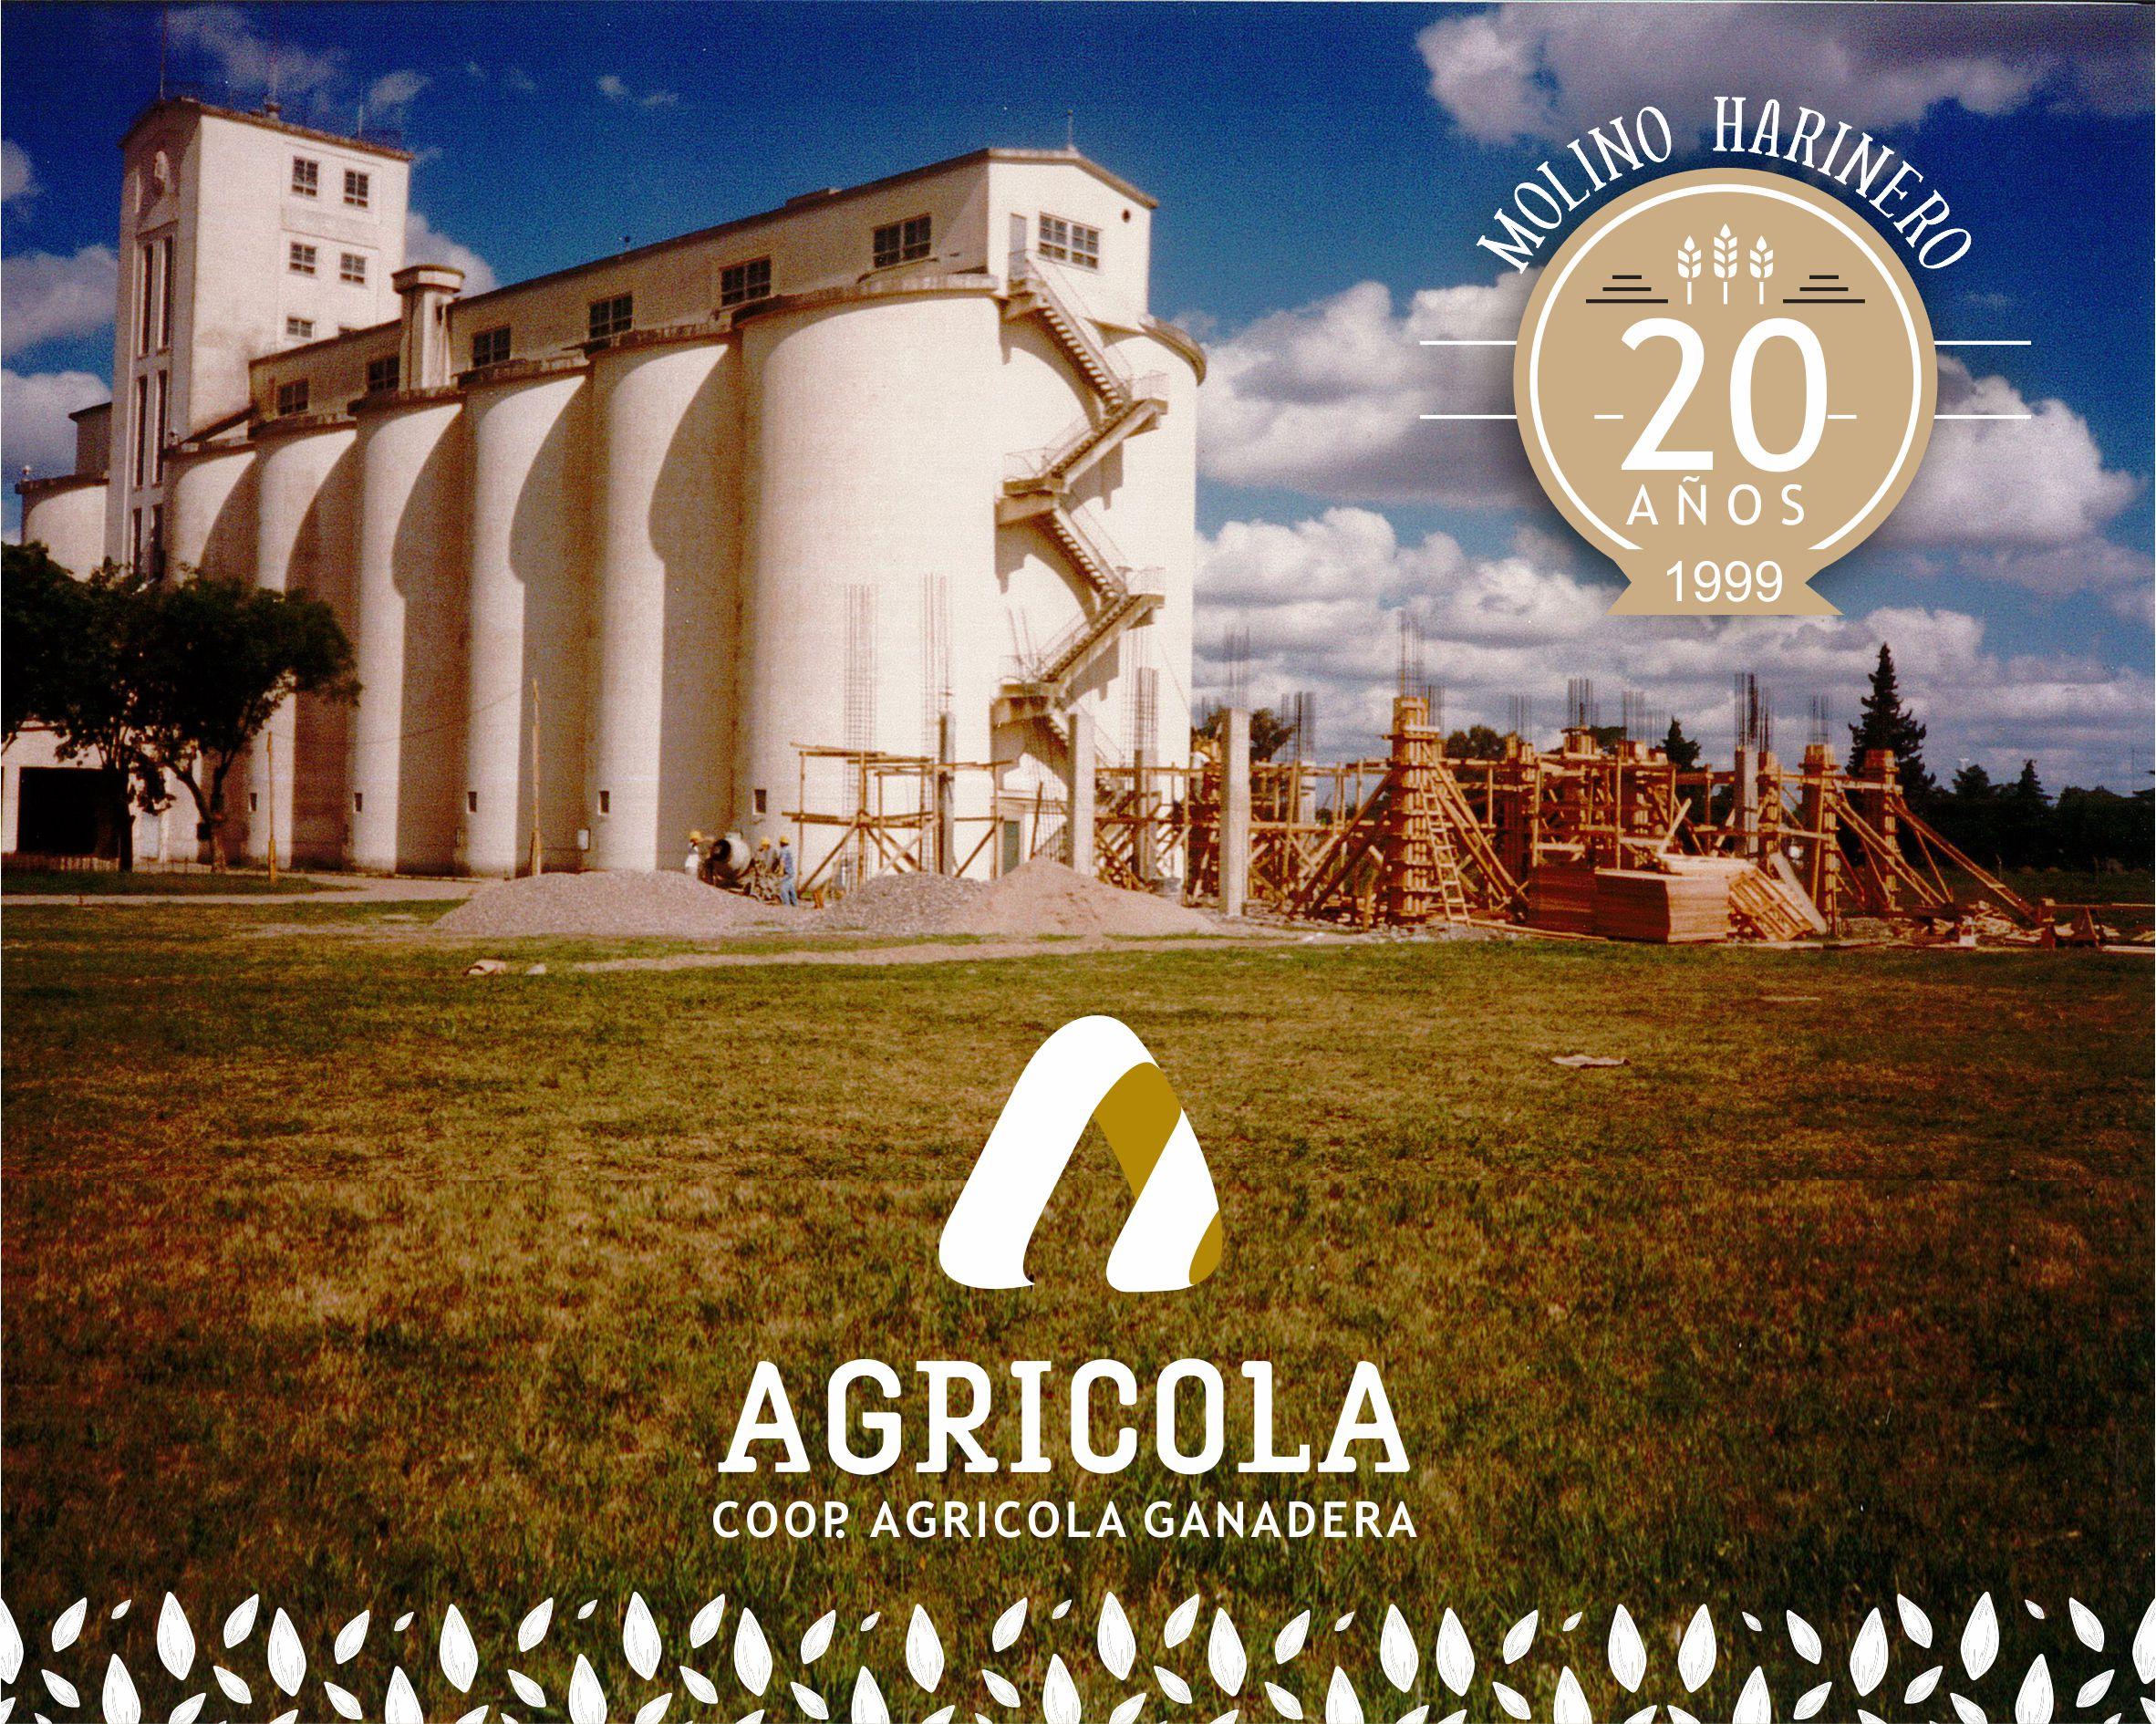 Molino Harinero «La Agrícola», su historia… 20 años (1999-2019)